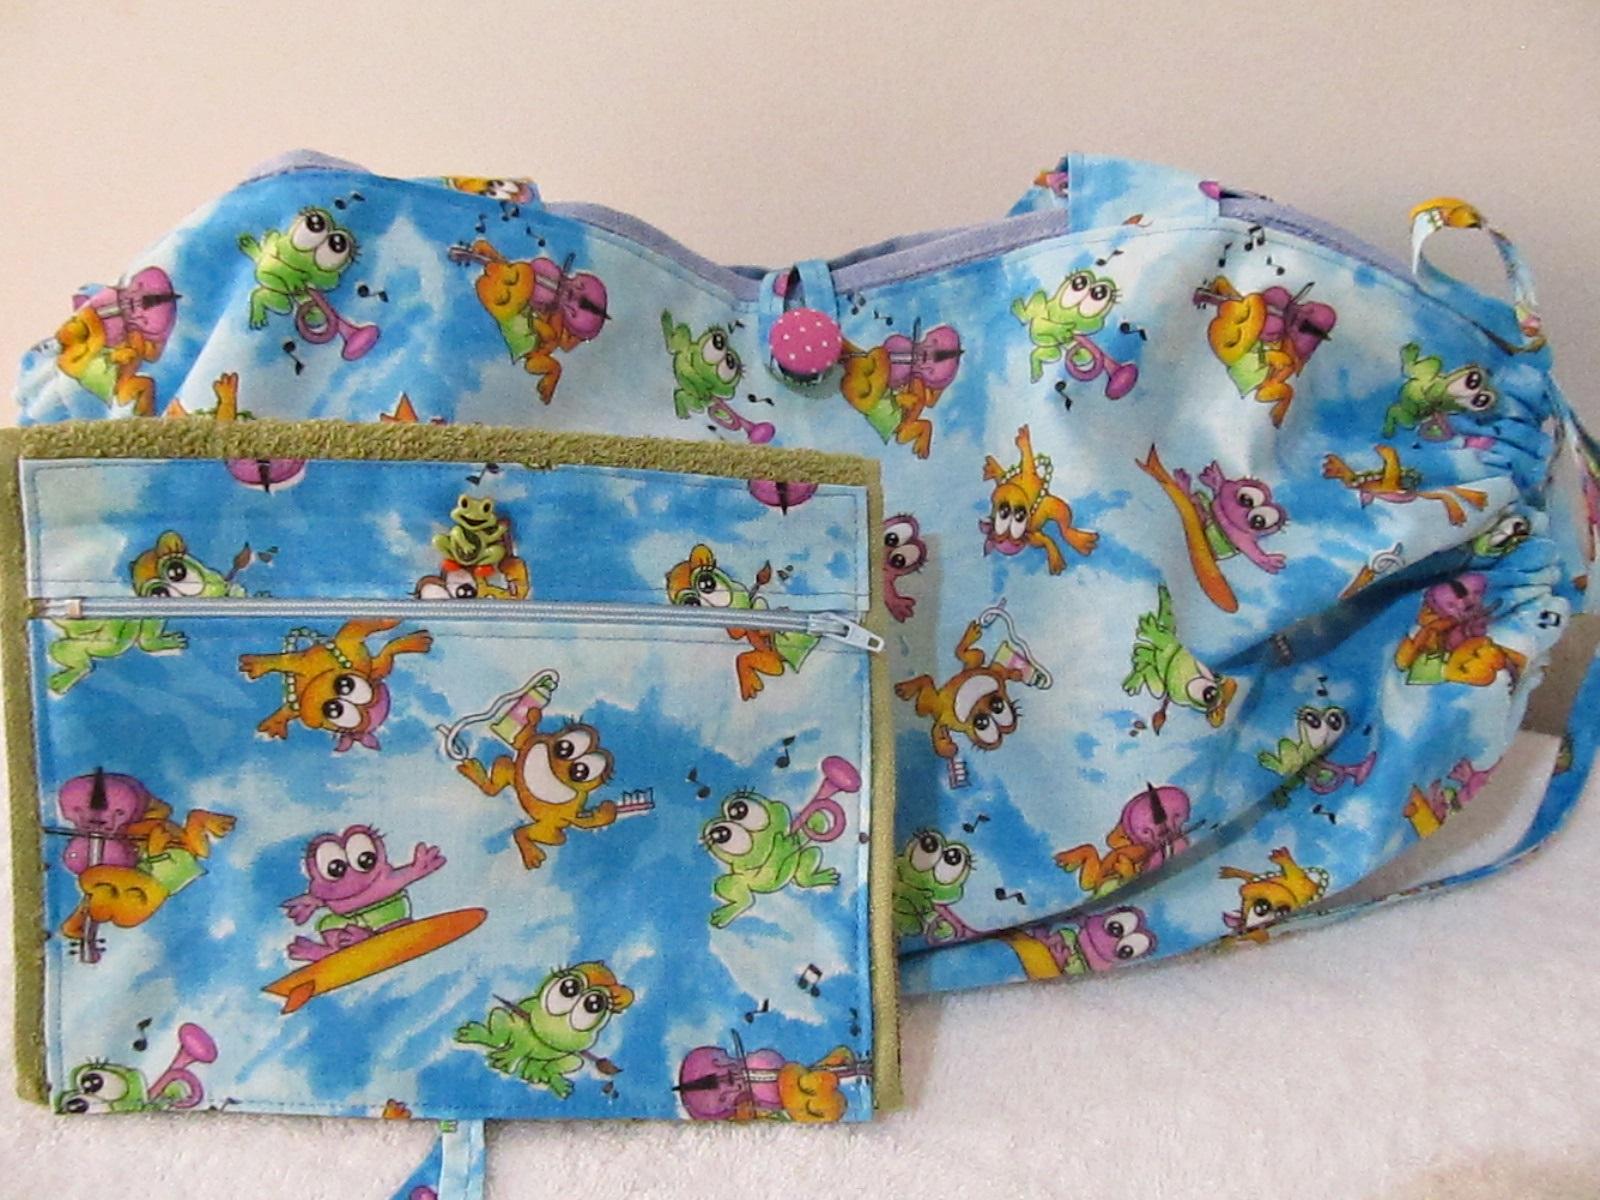 Bolsa De Mão Para Comprar : Bolsa toalha e toalhinha de m?o c ziper koisademaria elo